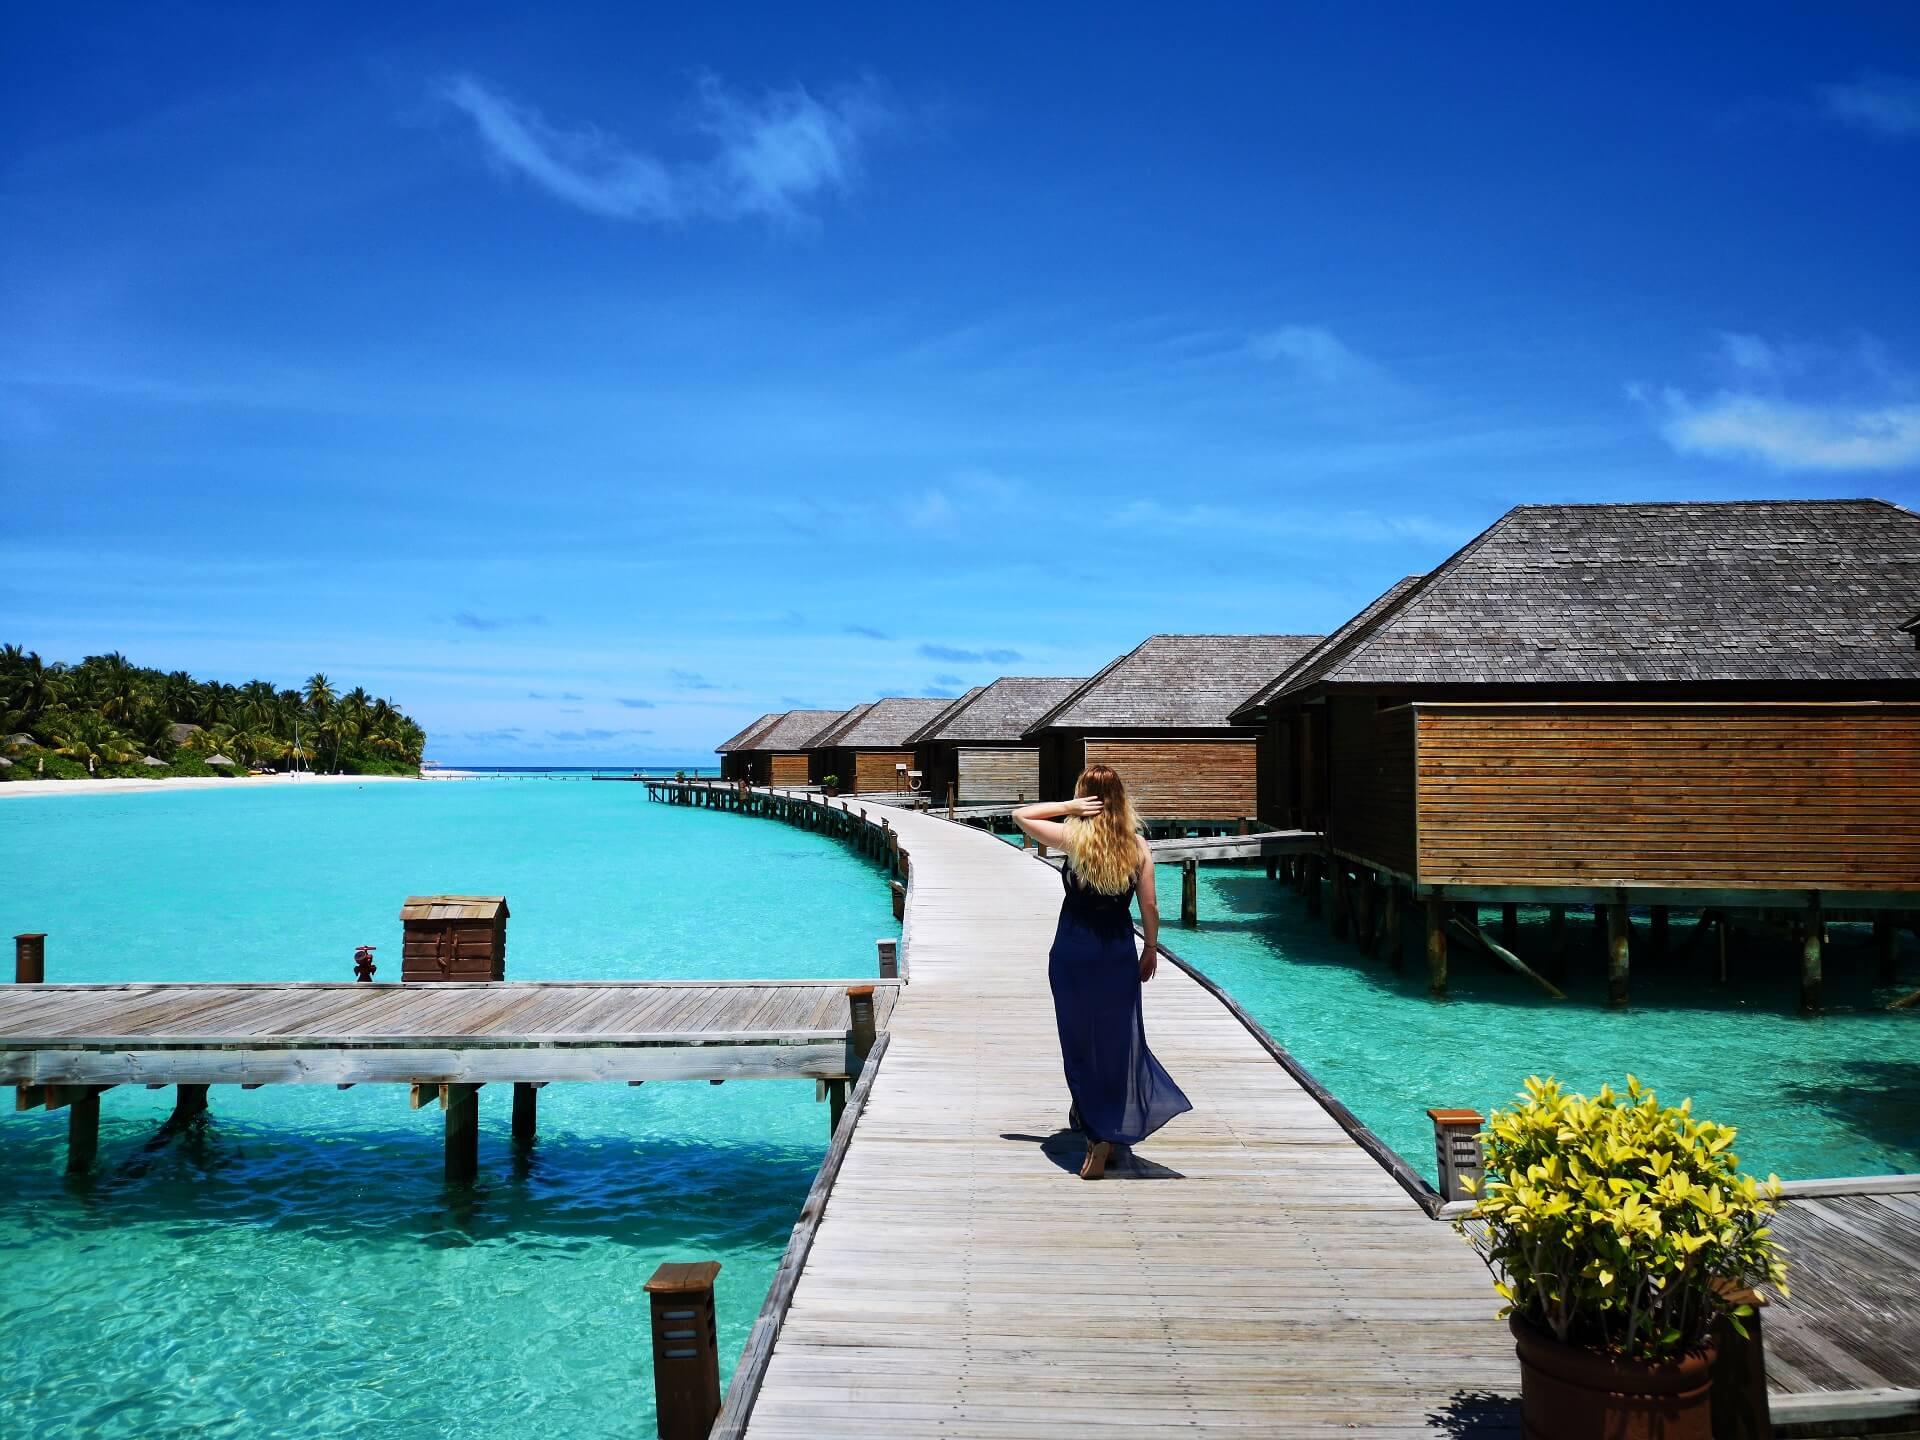 10 Reisetipps für deinen perfekten Malediven-Urlaub